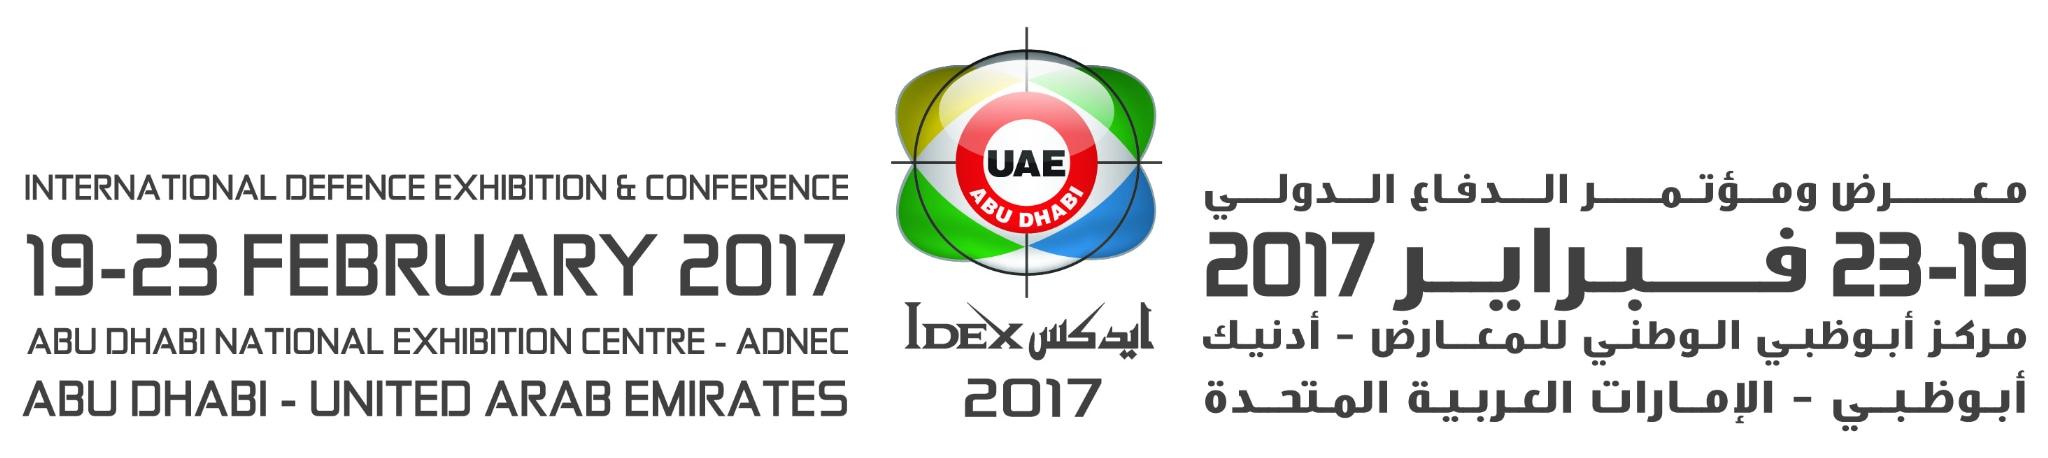 idex-2017-full-logo